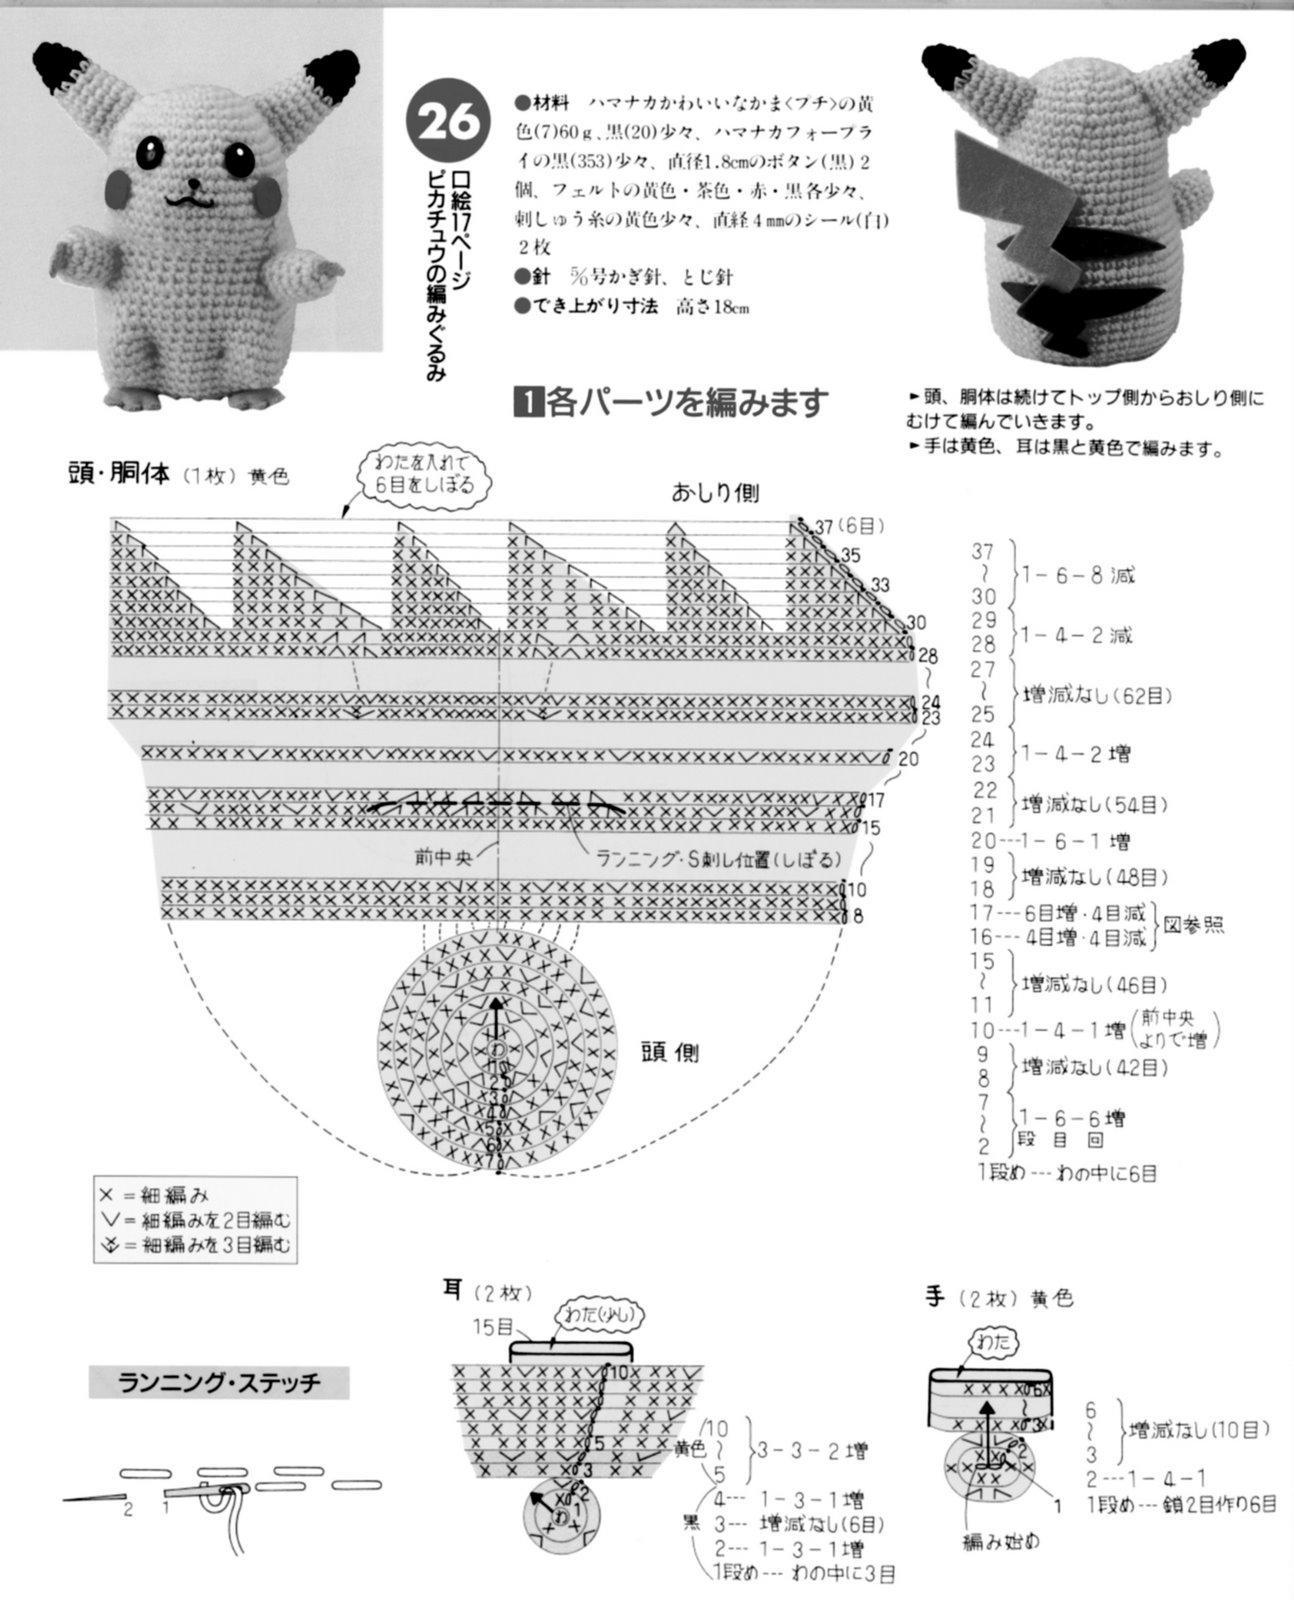 cosquecrochet: Pikachu